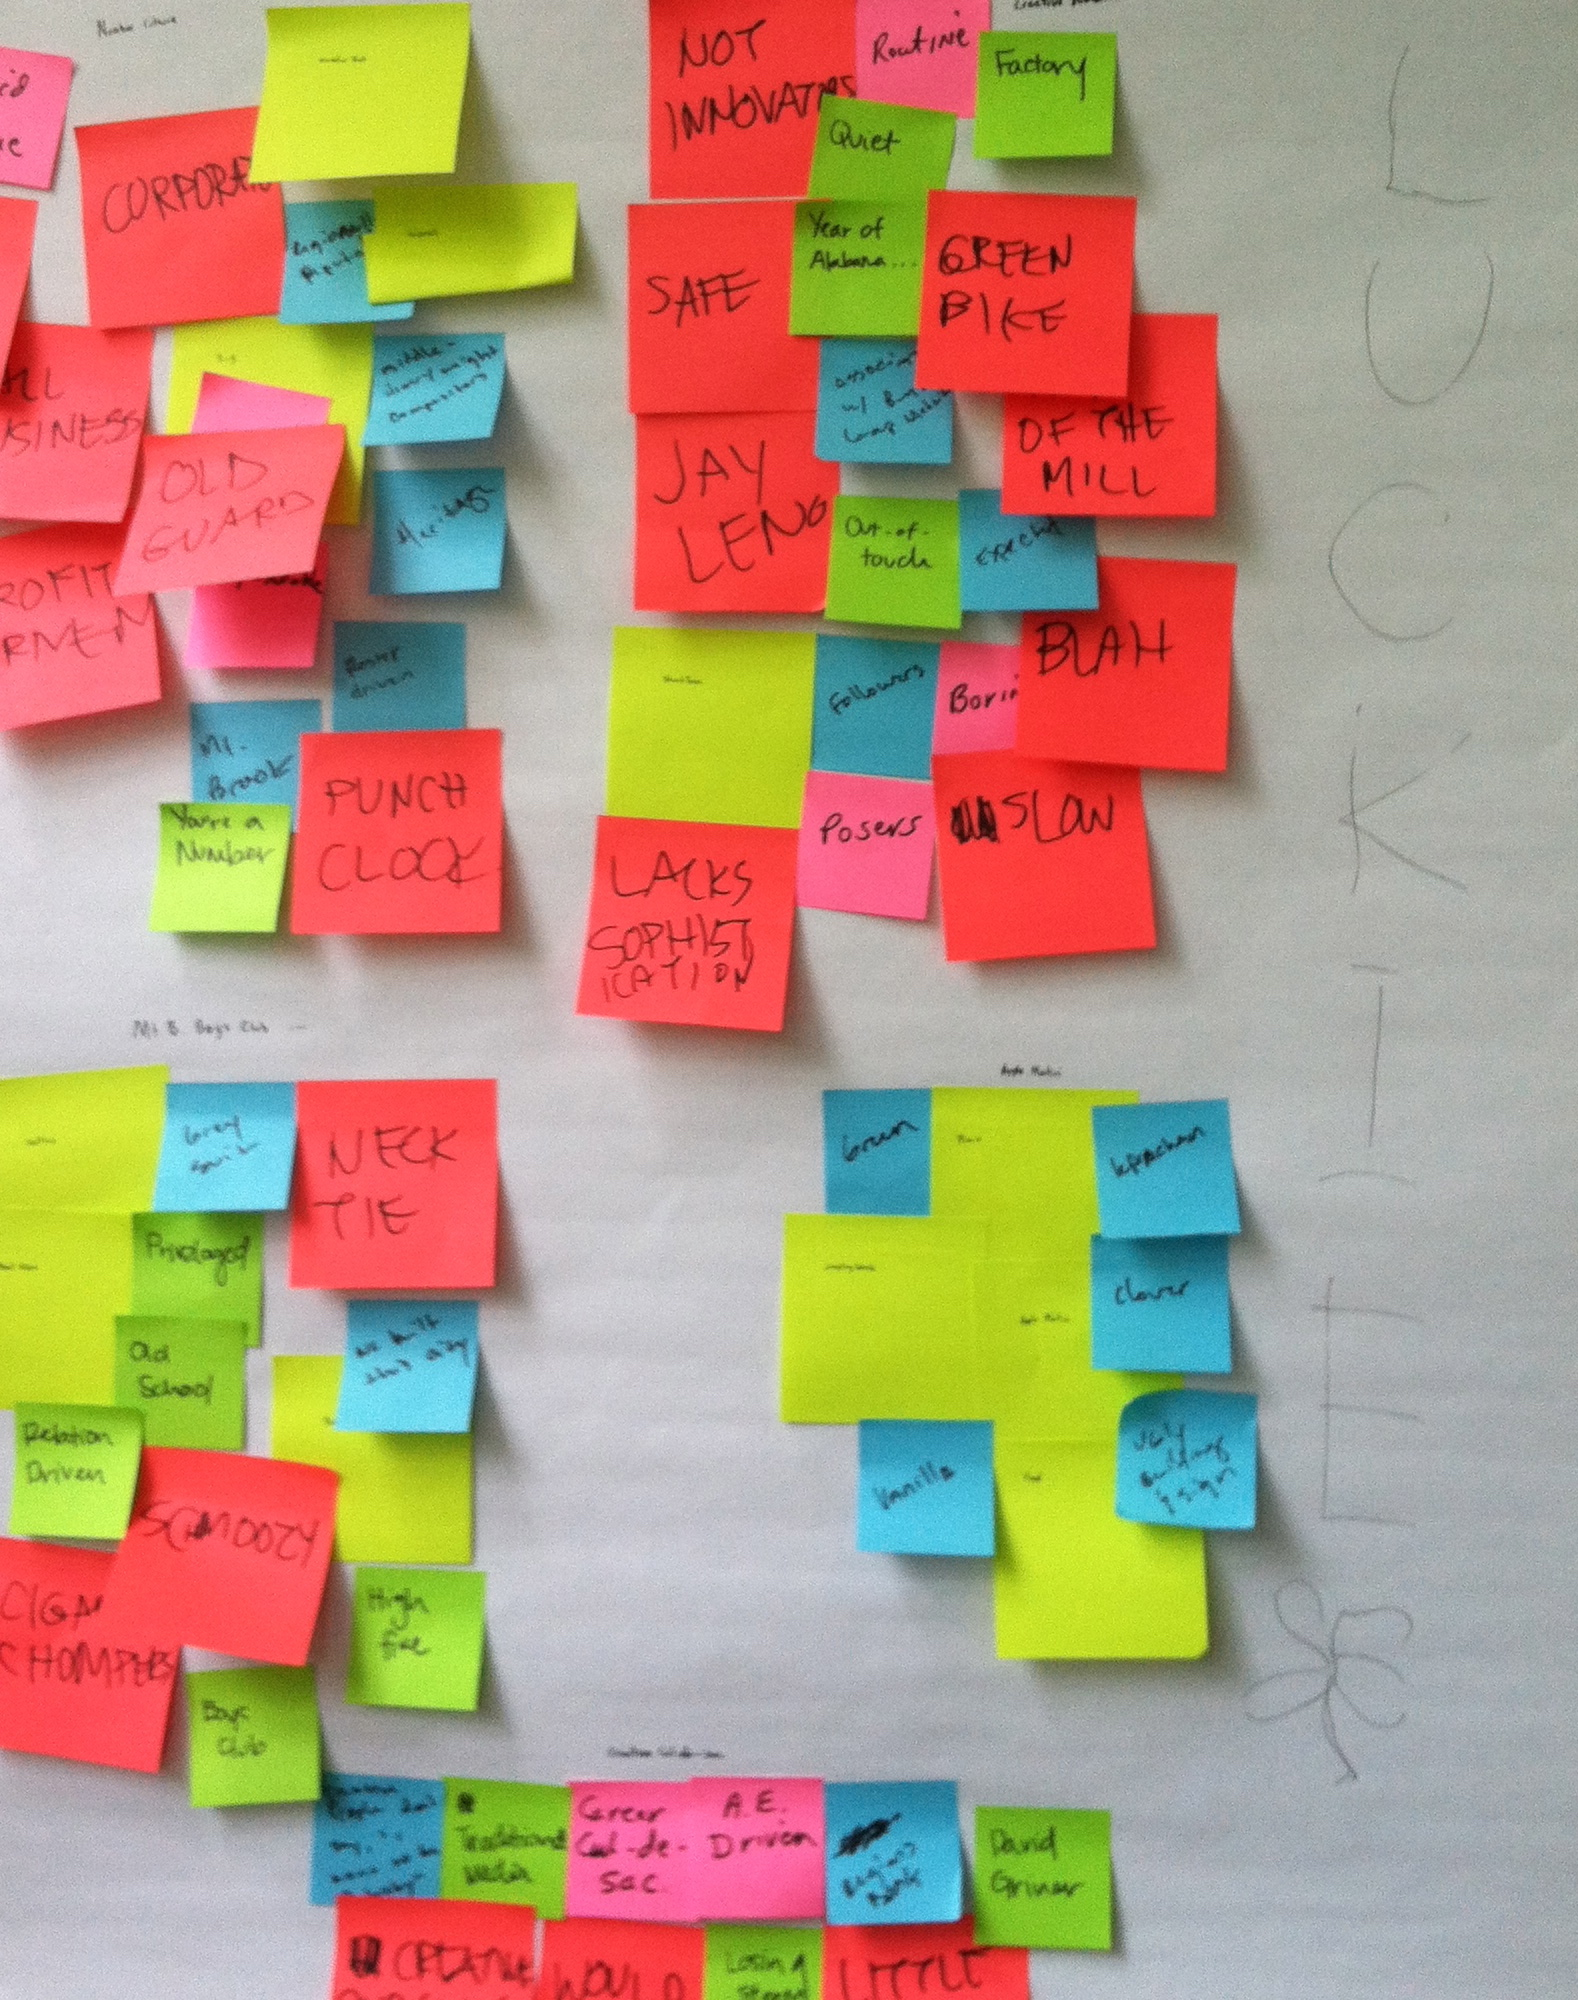 AOL Workshop: Clustering Detail